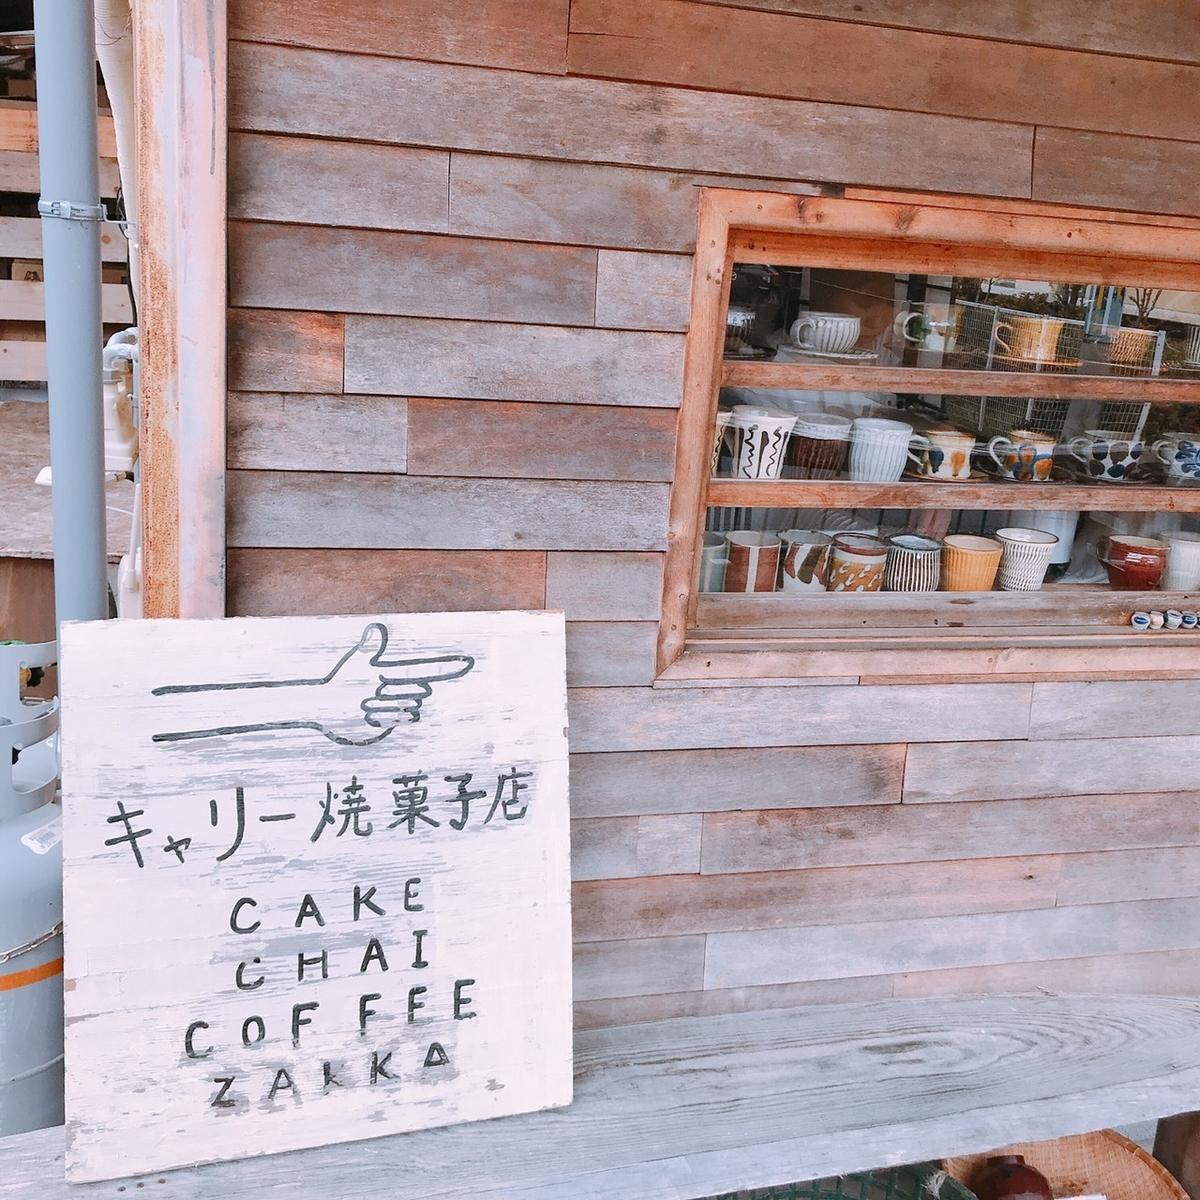 キャリー焼菓子店の外観写真